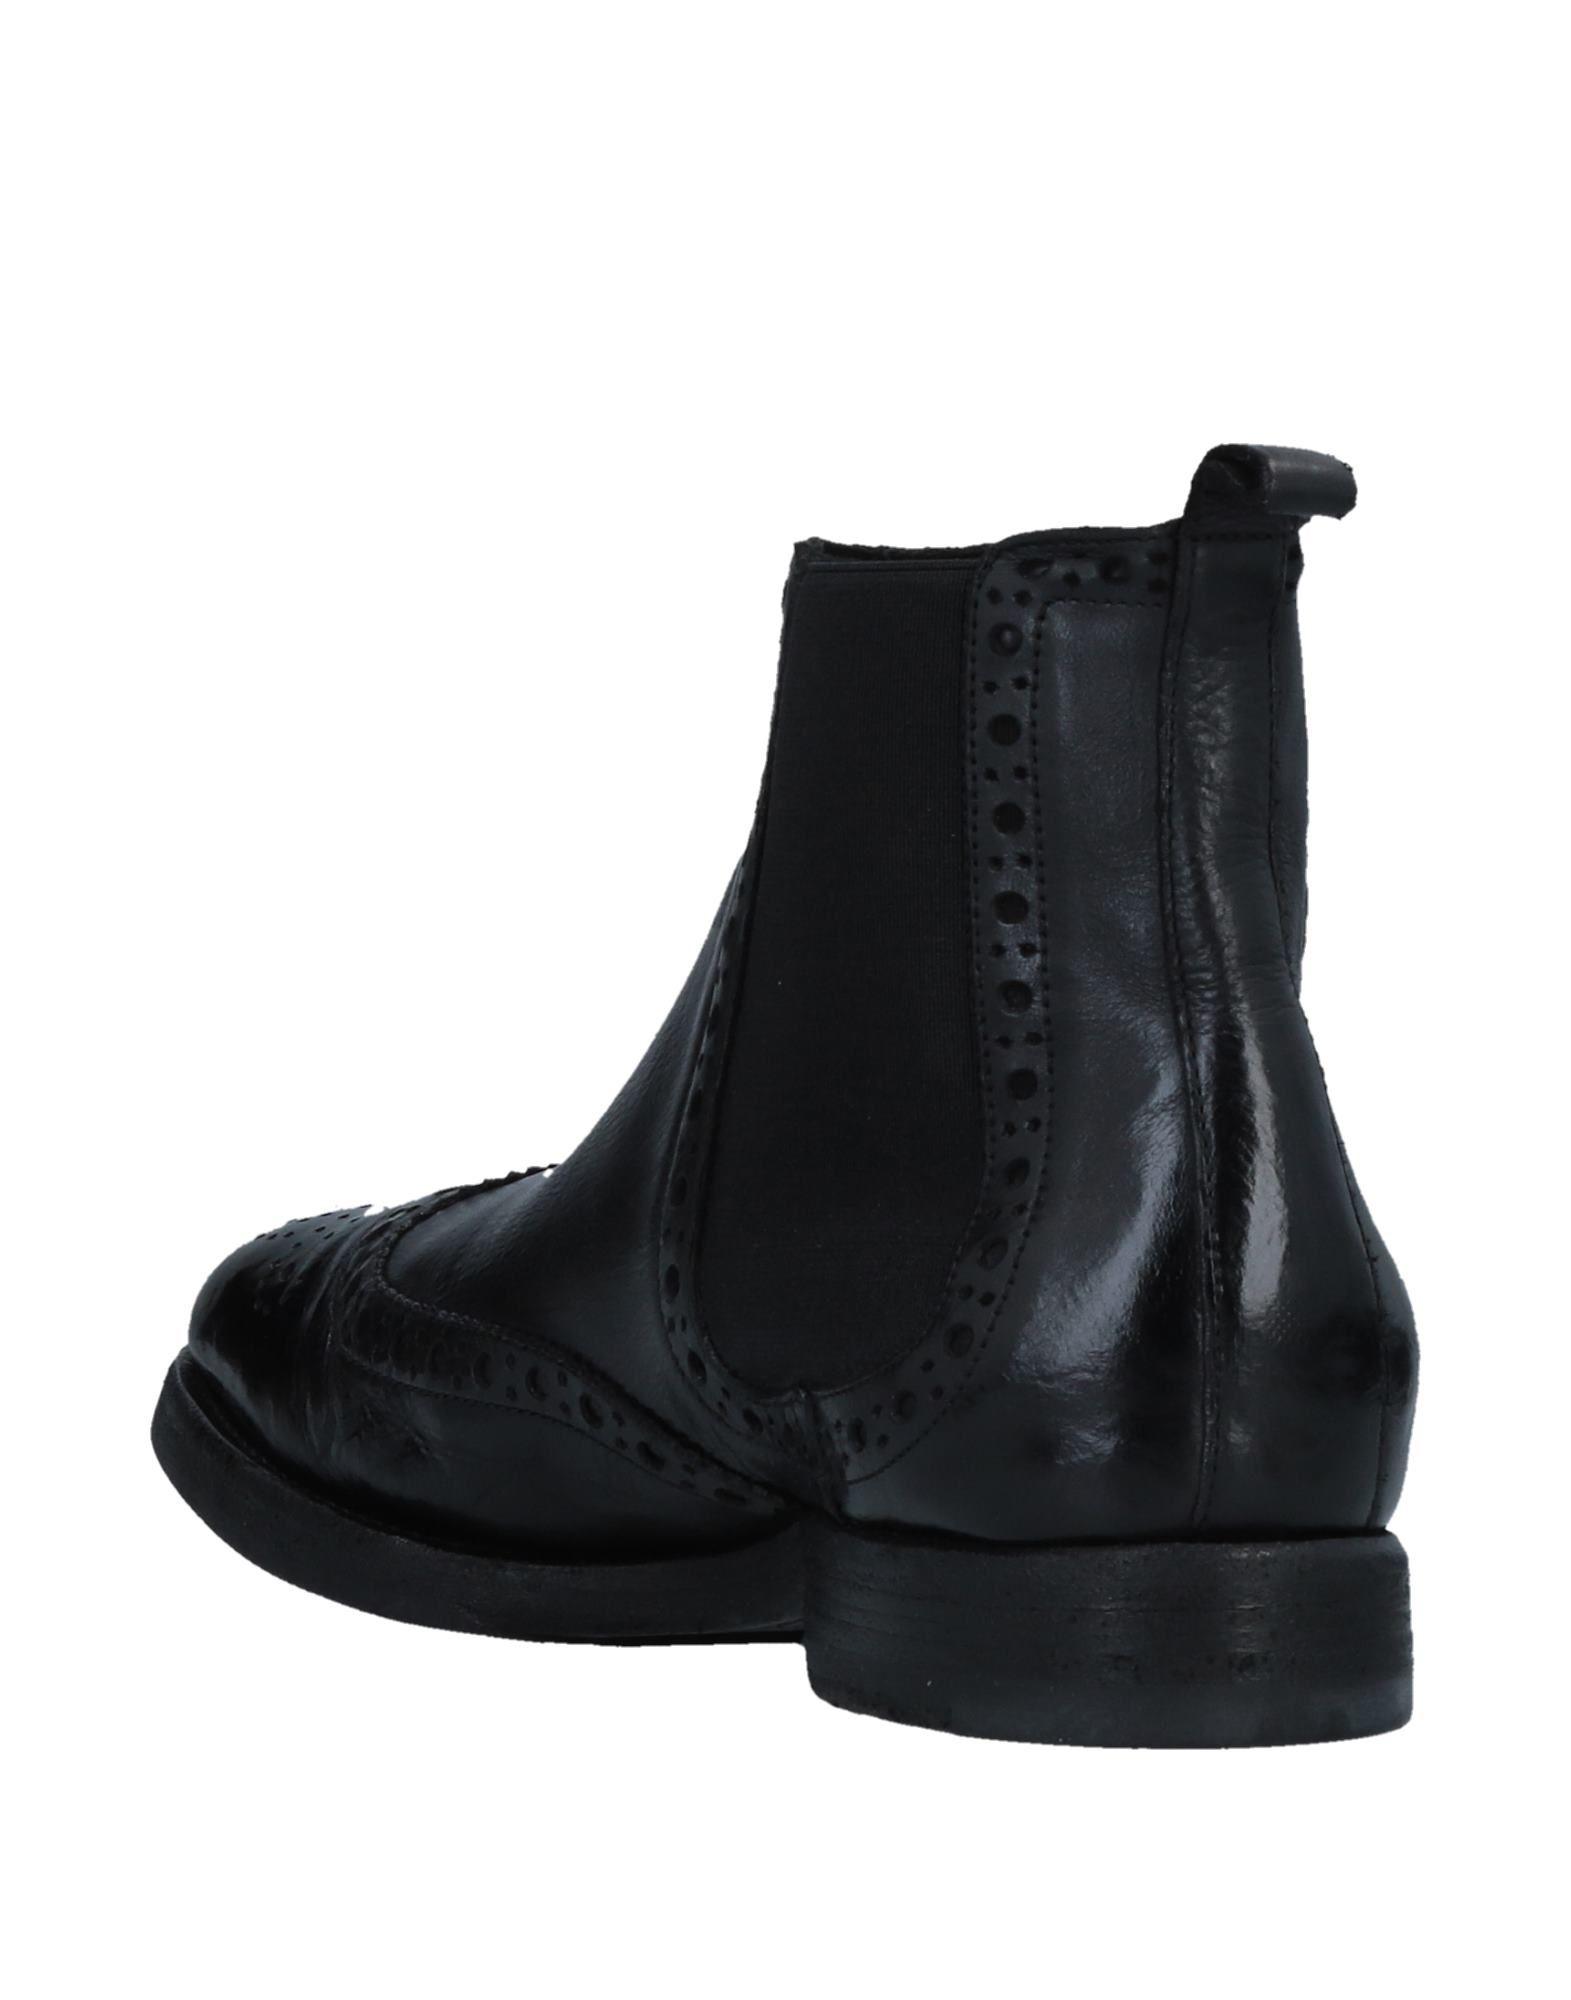 Sartori Gold Chelsea Boots Damen  11509068QEGut aussehende strapazierfähige Schuhe